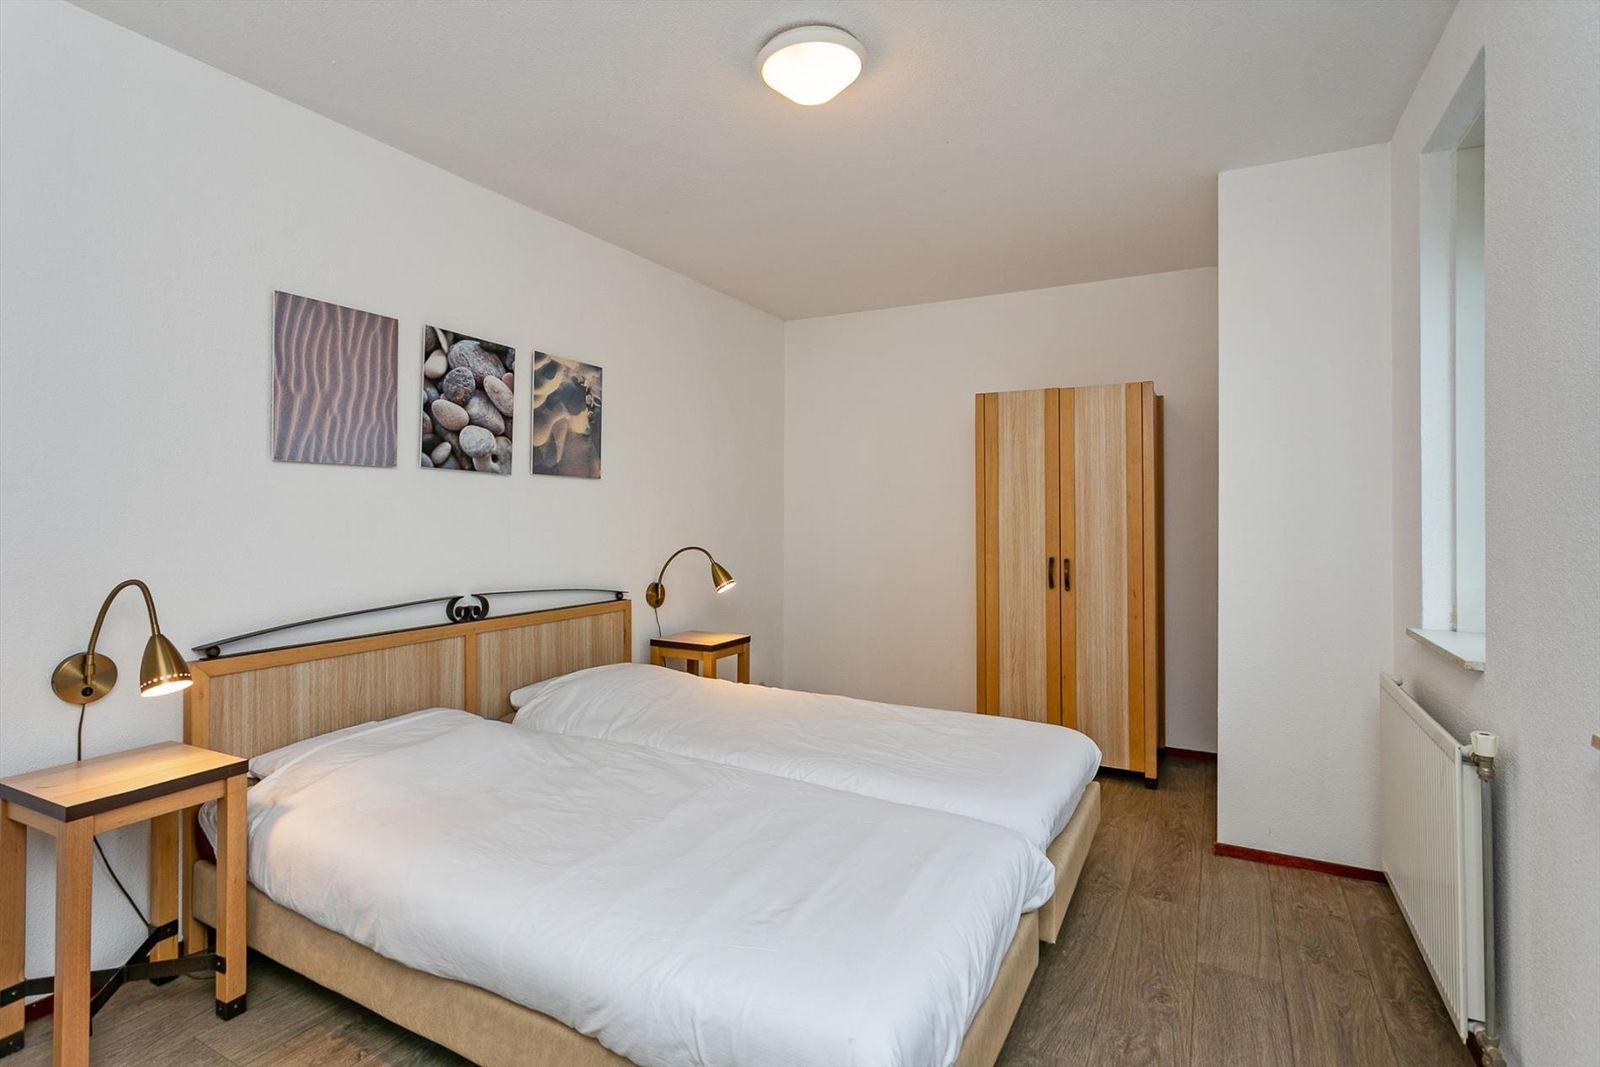 Vakantiehuis te koop in Zuid-Holland in Hellevoetsluis (14).jpg